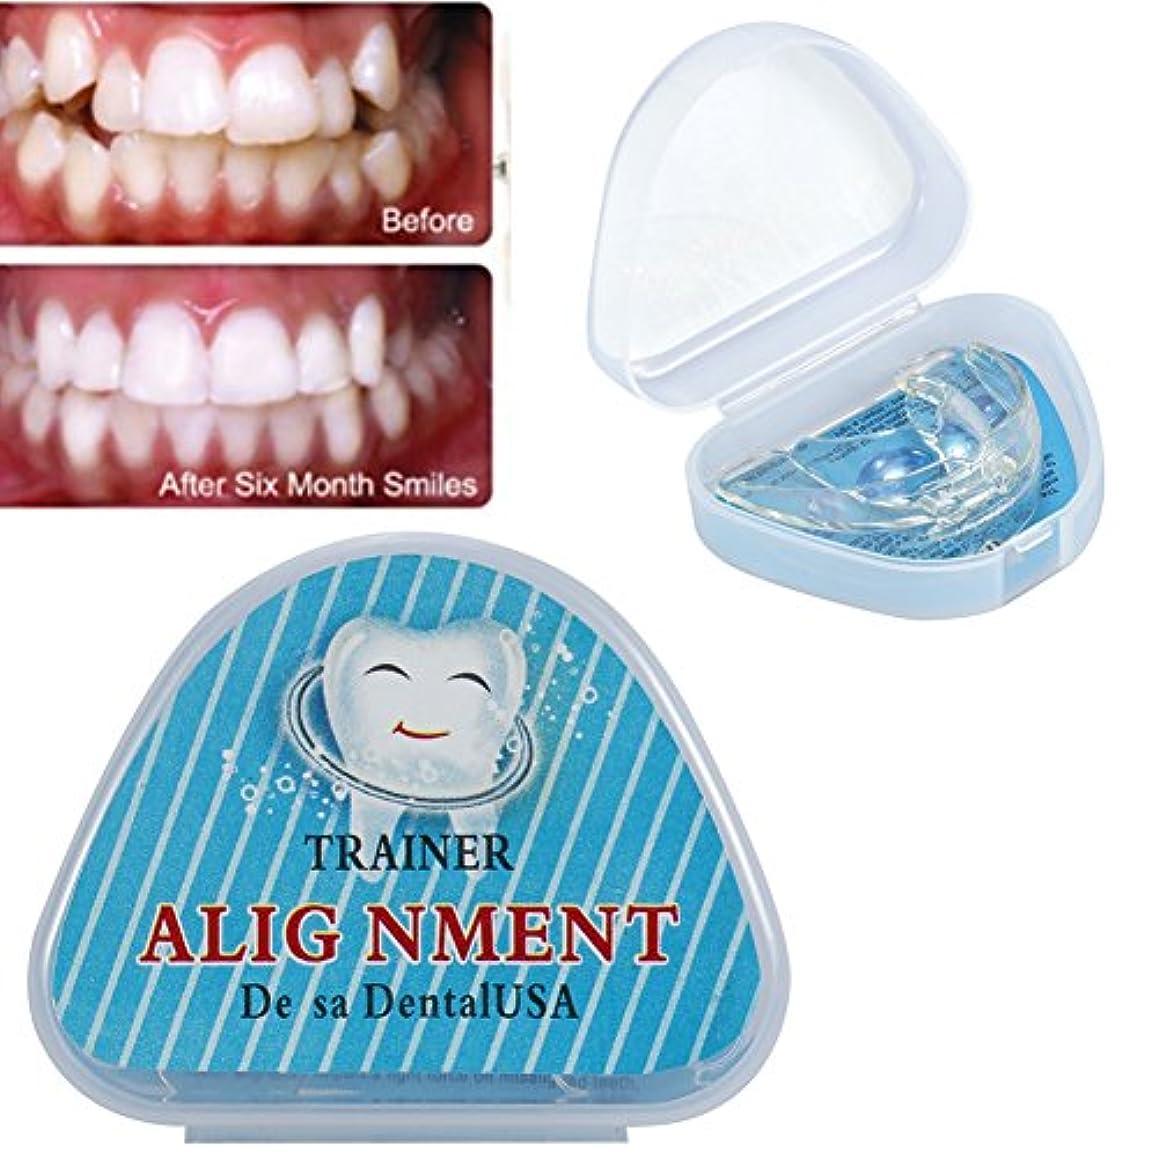 プロテスタント群がる十分ですEboxer 歯 矯正 矯正器 デンタルマウスピース 矯正用リテーナー マウスピース 噛み合わせ 歯ぎしり いびき防止 予防 歯並び 矯正